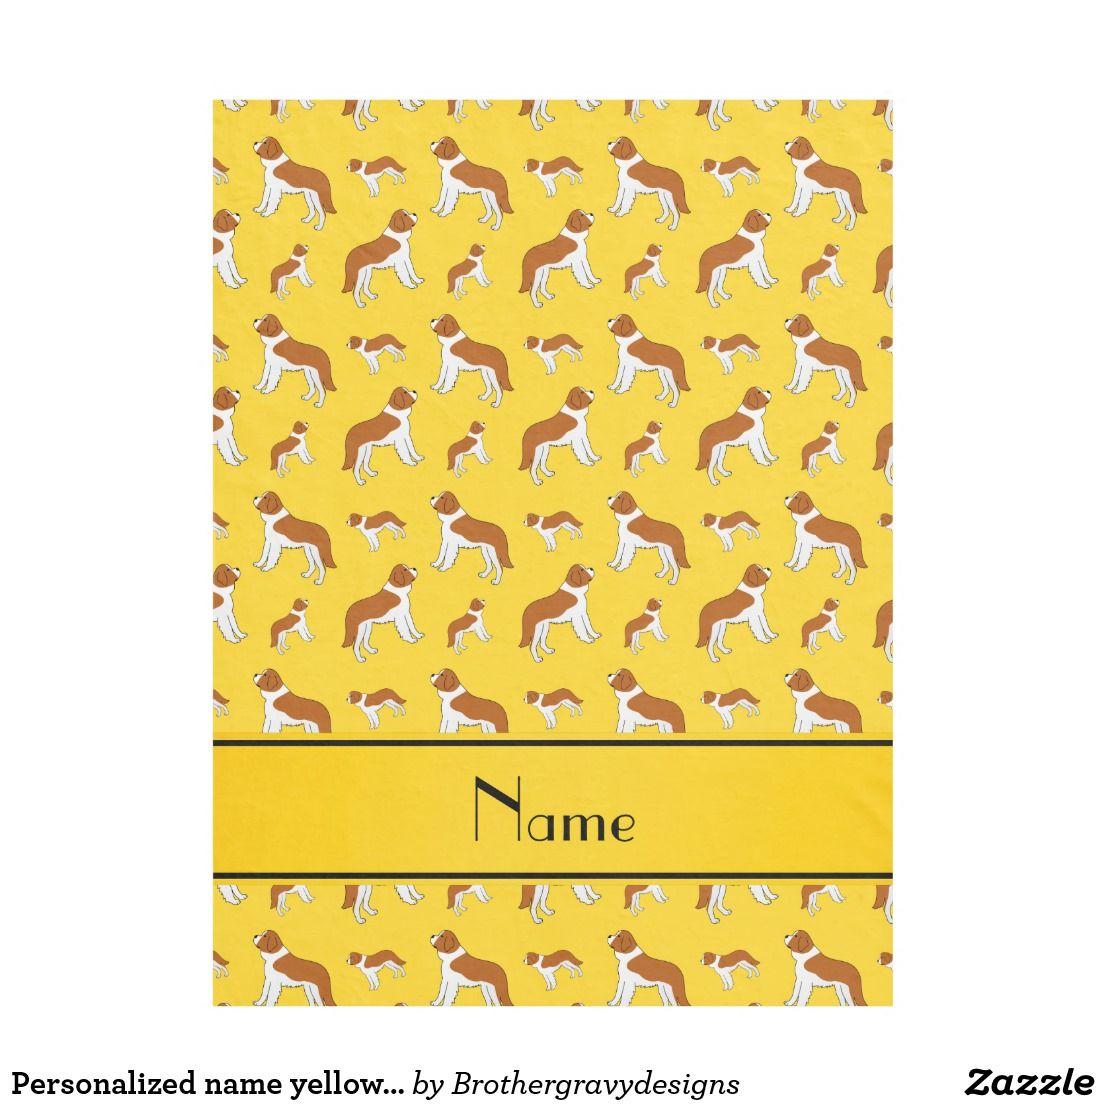 personalized name yellow st bernard dogs fleece blanket fleece